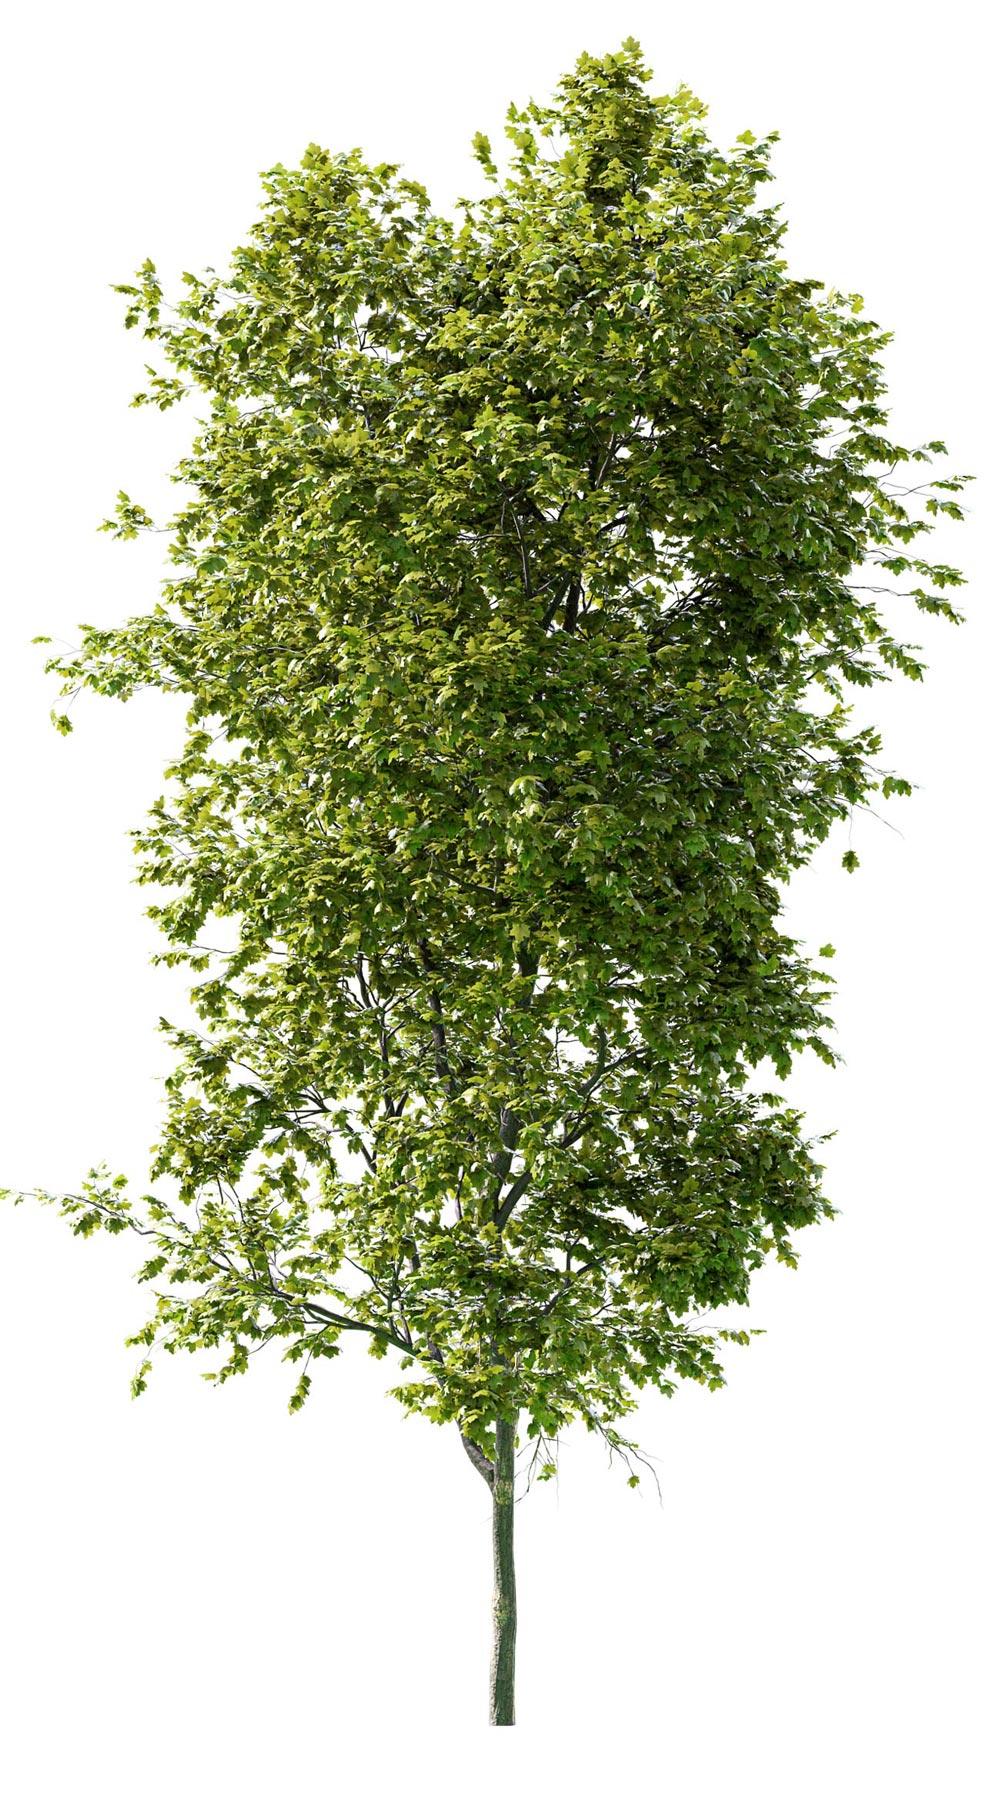 vegetation_blender_tree